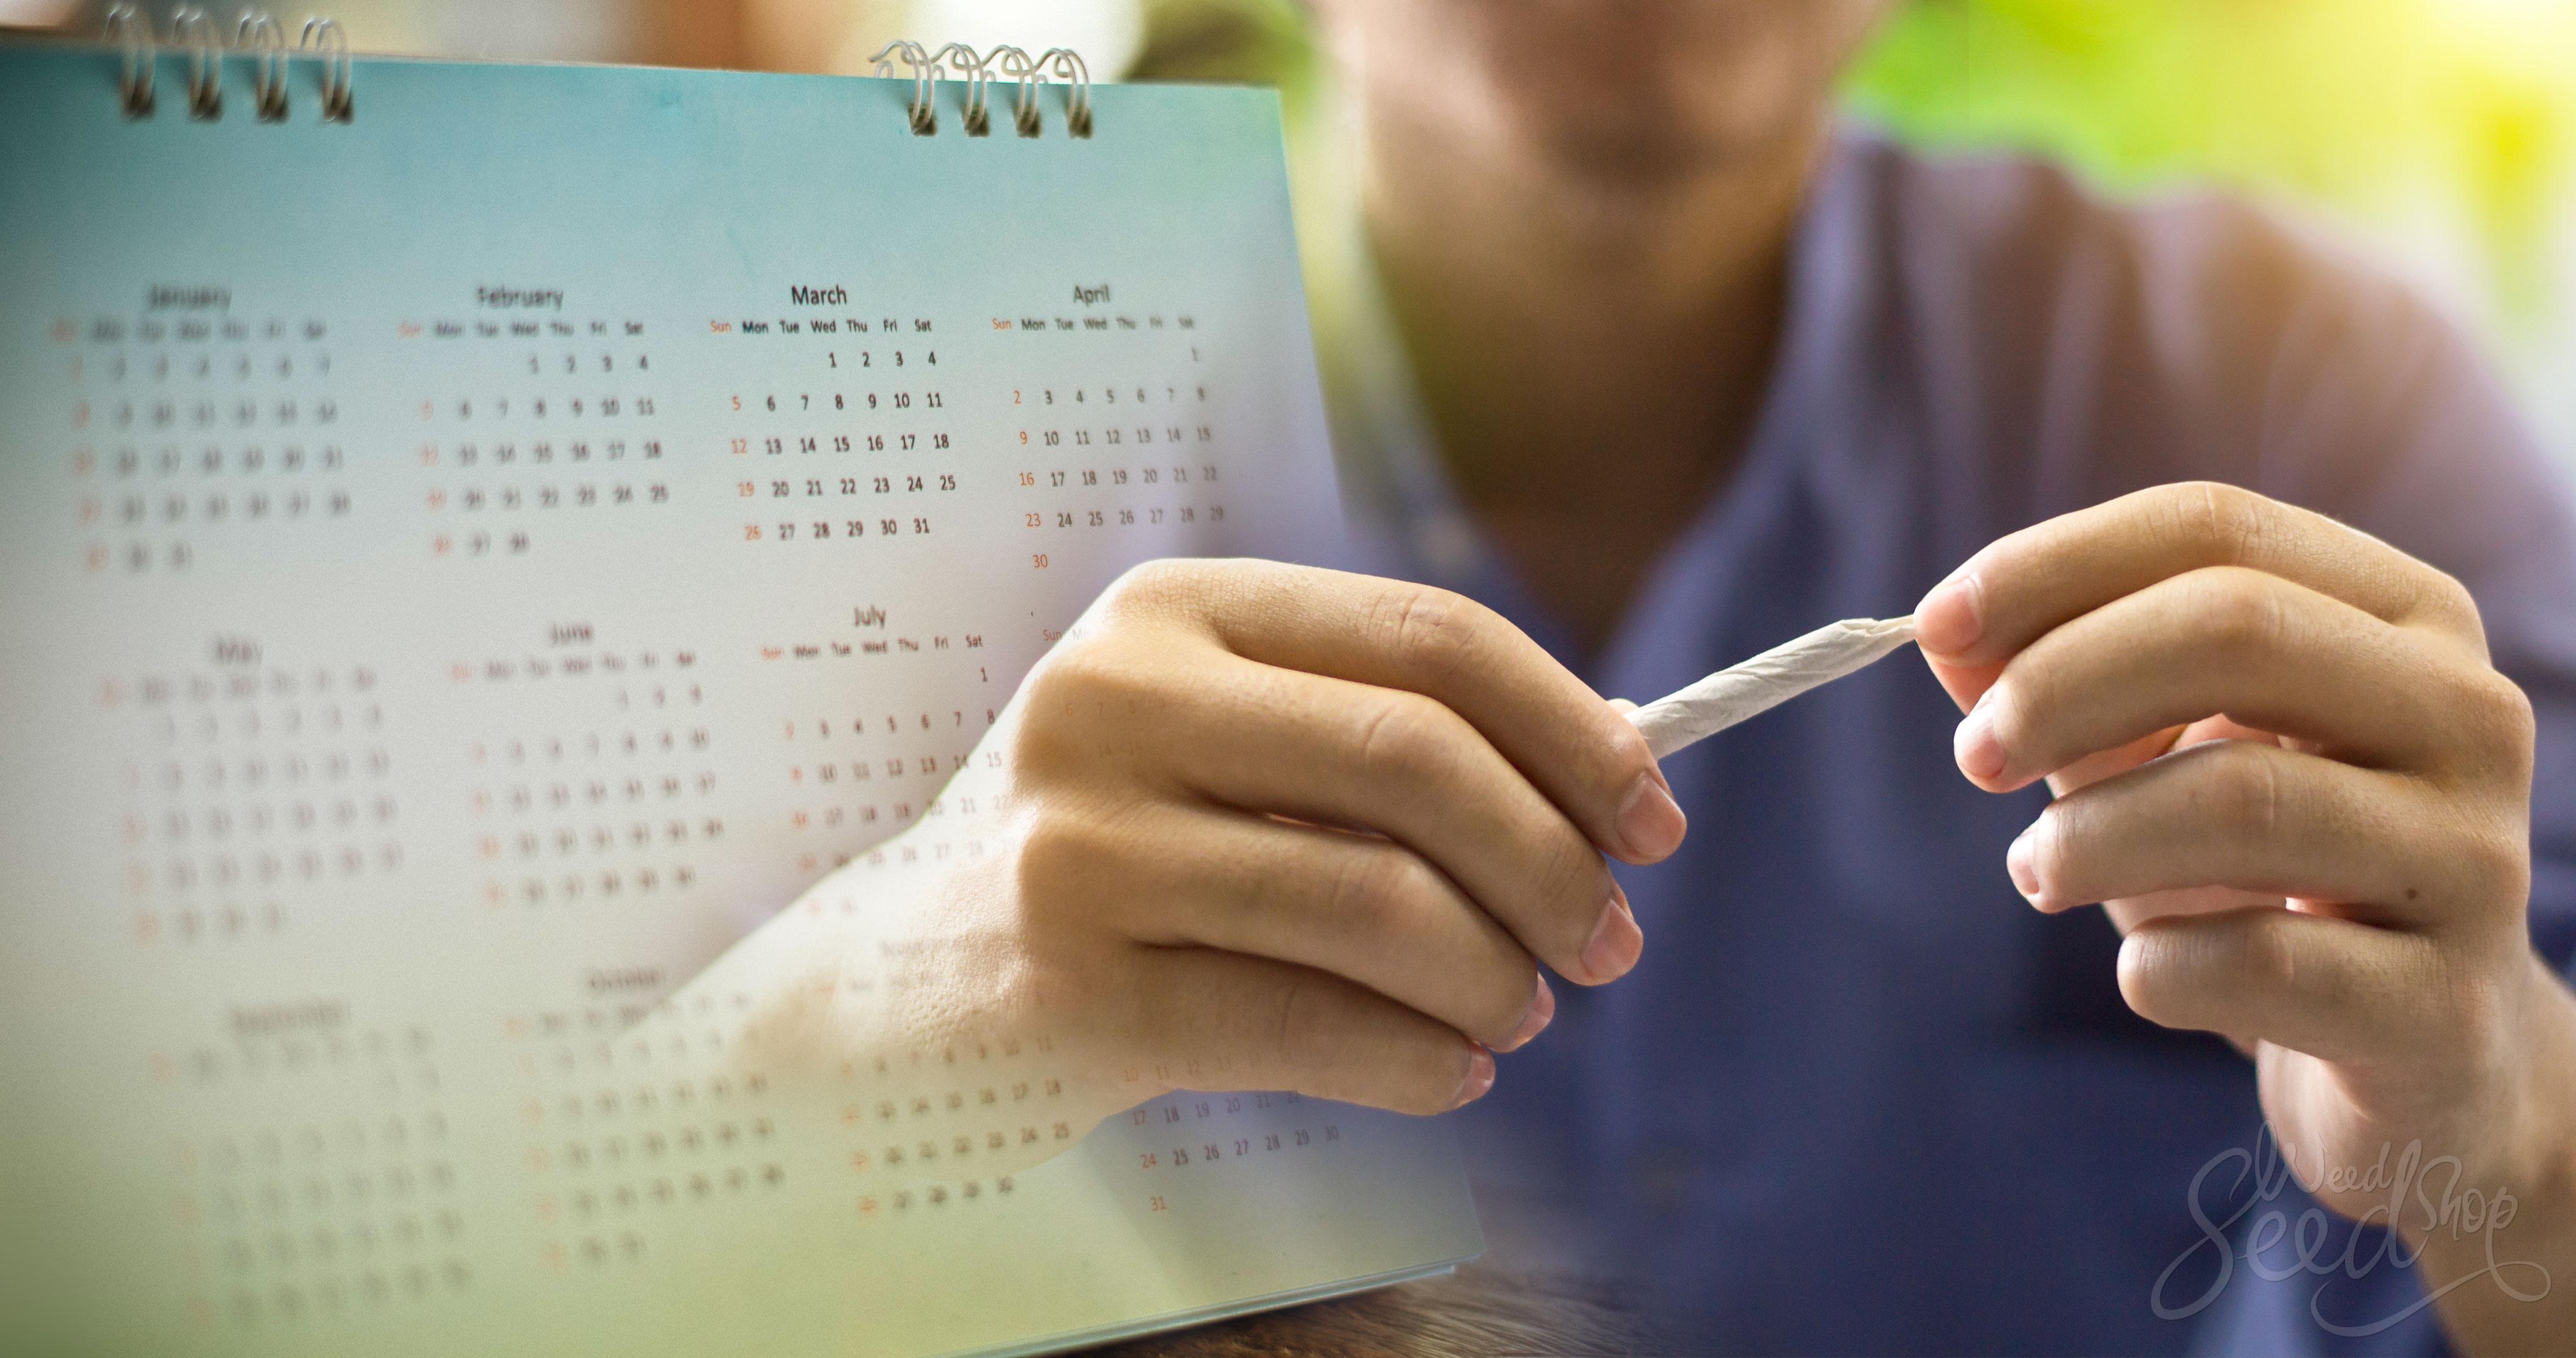 Combien de temps le THC reste-t-il dans le corps humain ? - Weed Seed Shop Blog